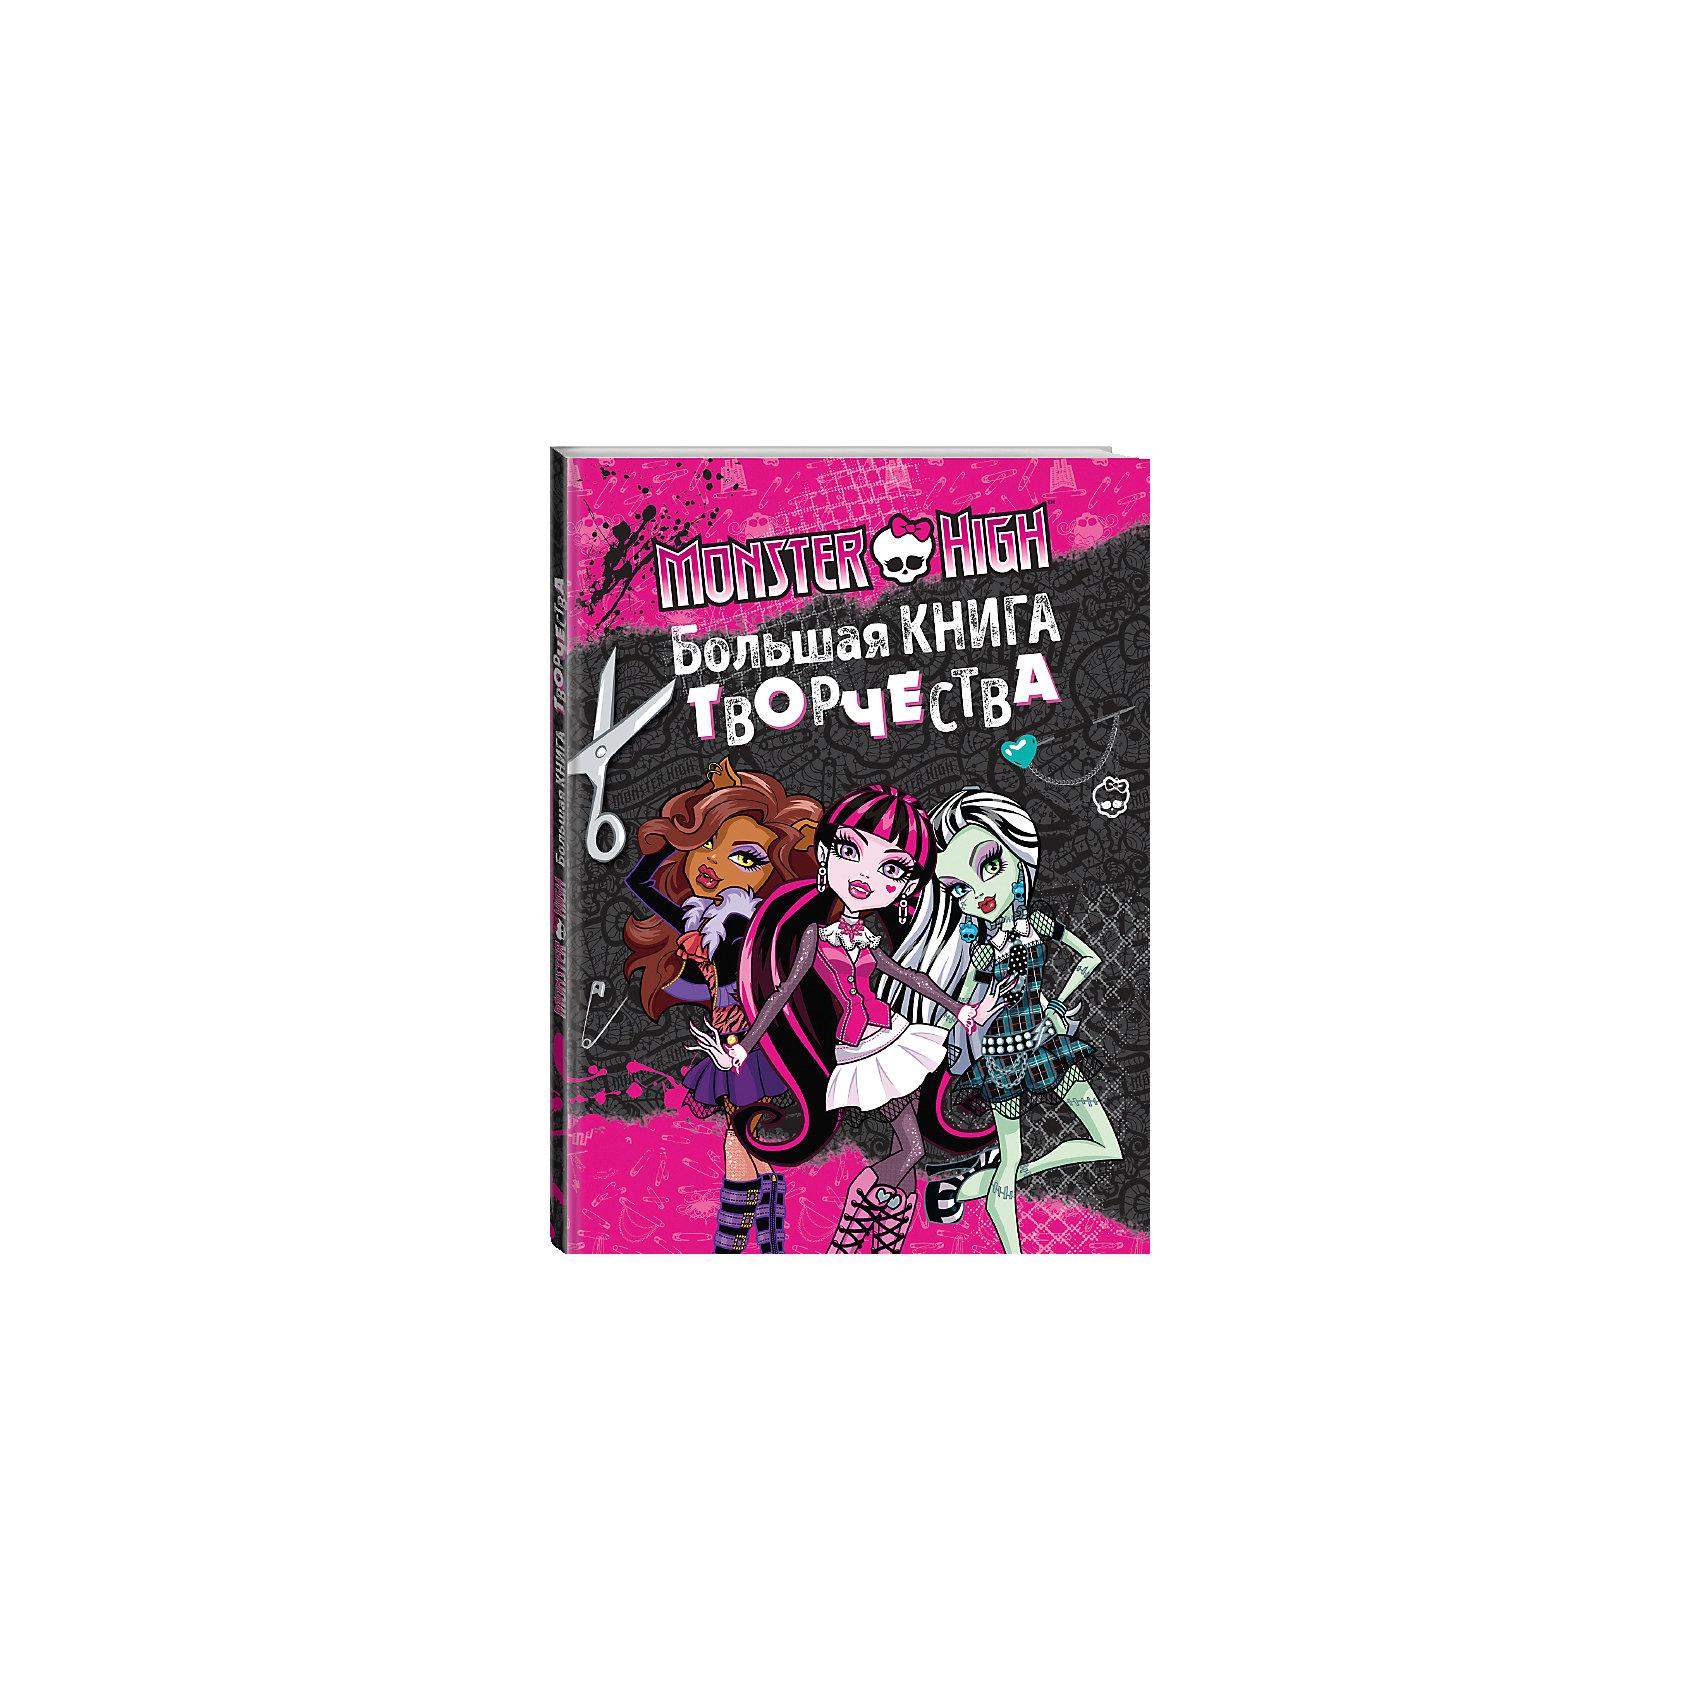 Большая книга творчества, Monster HighРаскраски по номерам<br>Характеристики товара: <br><br>• ISBN: 9785699867943<br>• возраст от: 3 лет<br>• формат: 60x84/8<br>• бумага: офсетная<br>• обложка: твердая<br>• издательство: Эксмо<br>• автор: Екатерина О. Чернышова-Орлова<br>• количество страниц: 80<br>• размеры: 28x21 см<br><br>Современные девочки обожают героинь Ever After High. Эта книга поможет снова встретиться с ними и вместе рисовать, готовить, делать поделки и узнавать полезные вещи.<br><br>Книга поможет весело и с пользой провести ребенку время.<br><br>Большую книгу творчества, Monster High, можно купить в нашем интернет-магазине.<br><br>Ширина мм: 280<br>Глубина мм: 210<br>Высота мм: 100<br>Вес г: 517<br>Возраст от месяцев: 72<br>Возраст до месяцев: 168<br>Пол: Унисекс<br>Возраст: Детский<br>SKU: 5535198